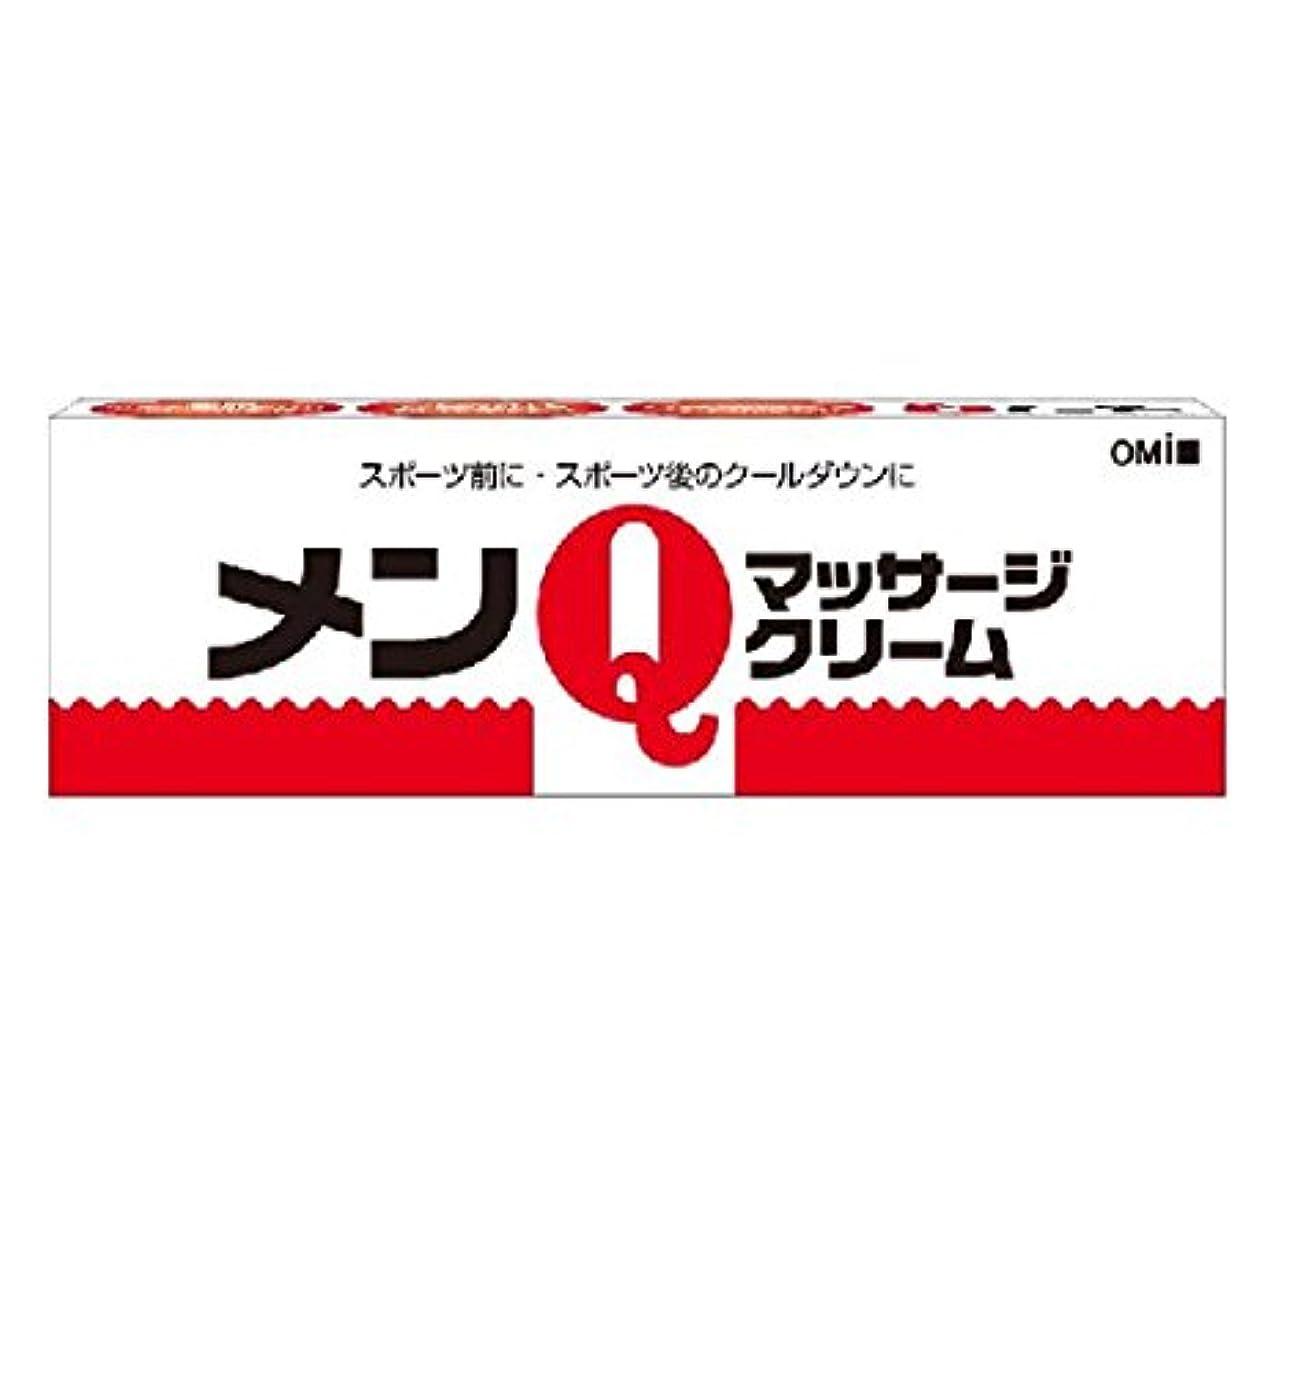 ほとんどない量割れ目近江兄弟社 メンQマッサージクリーム 65g